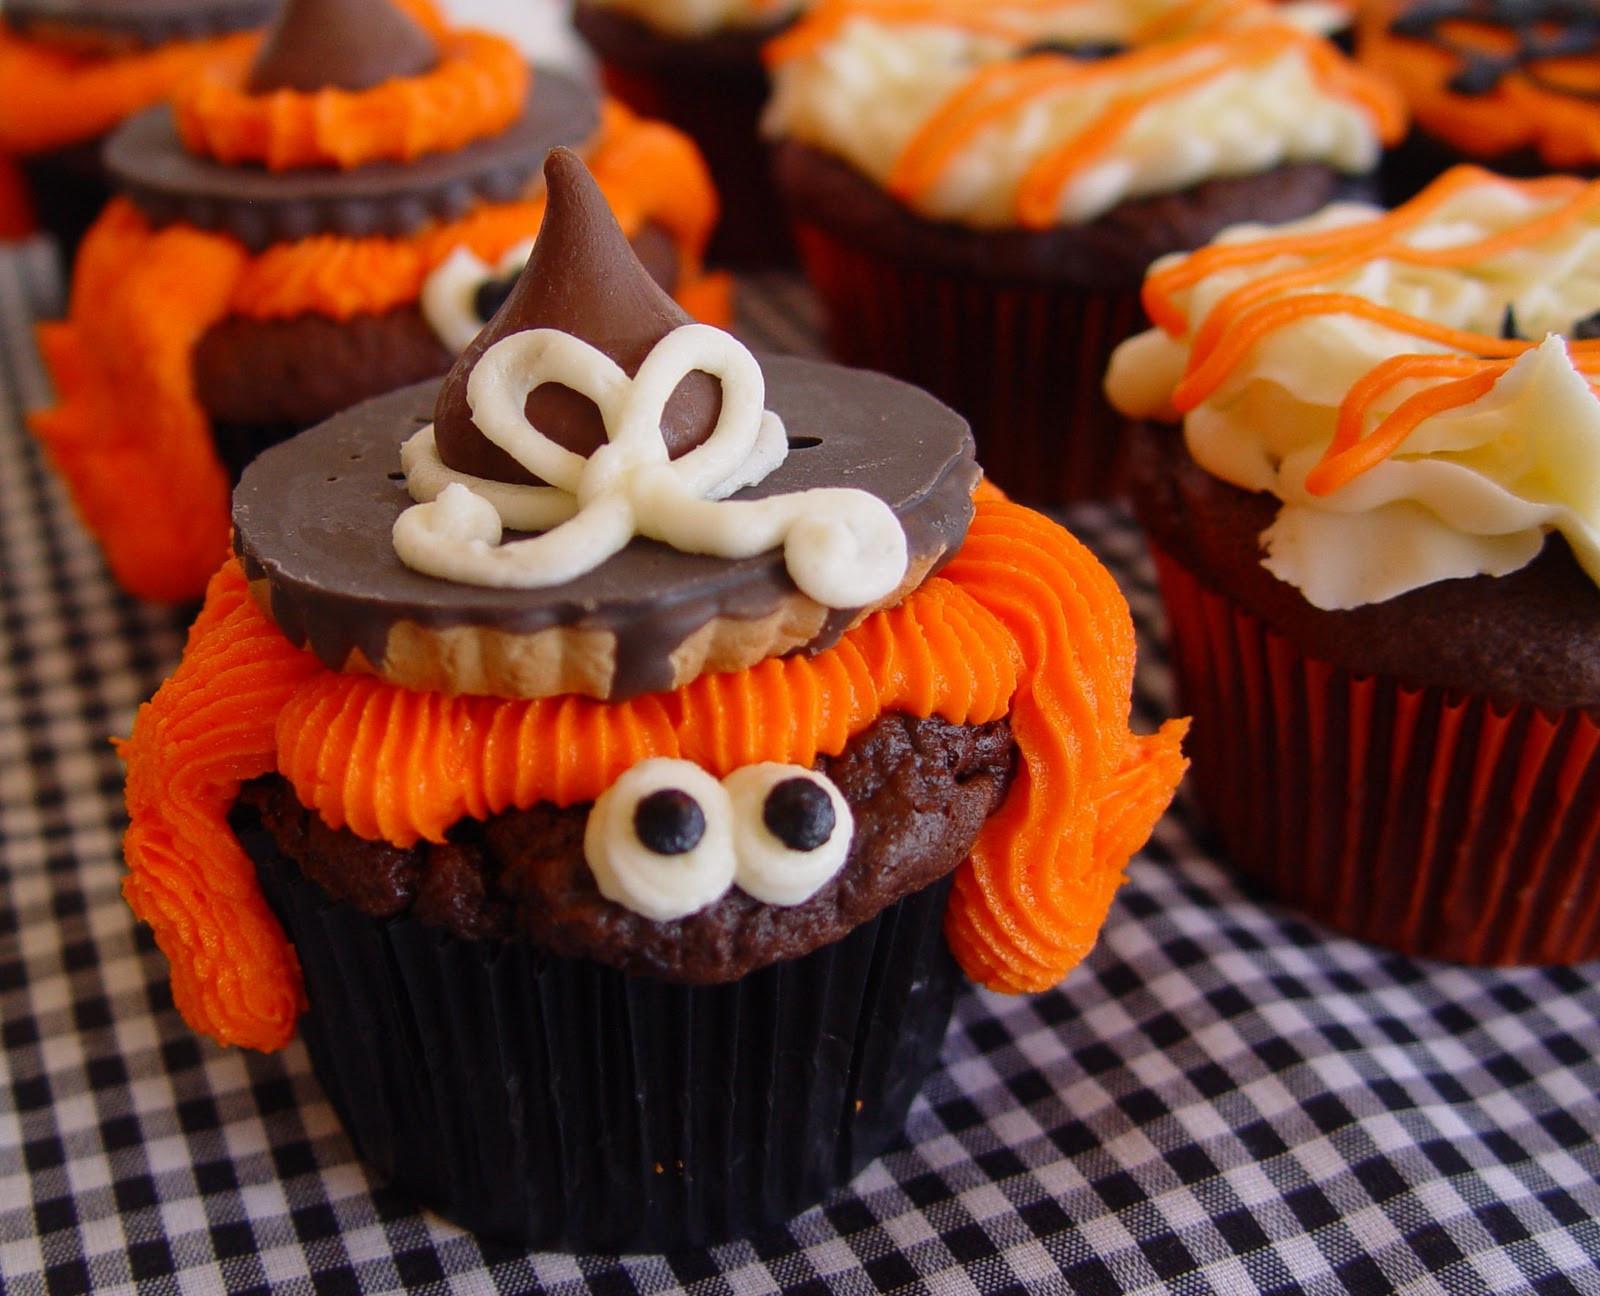 Halloween Cakes And Cupcakes  Spook tacular Halloween Cupcakes